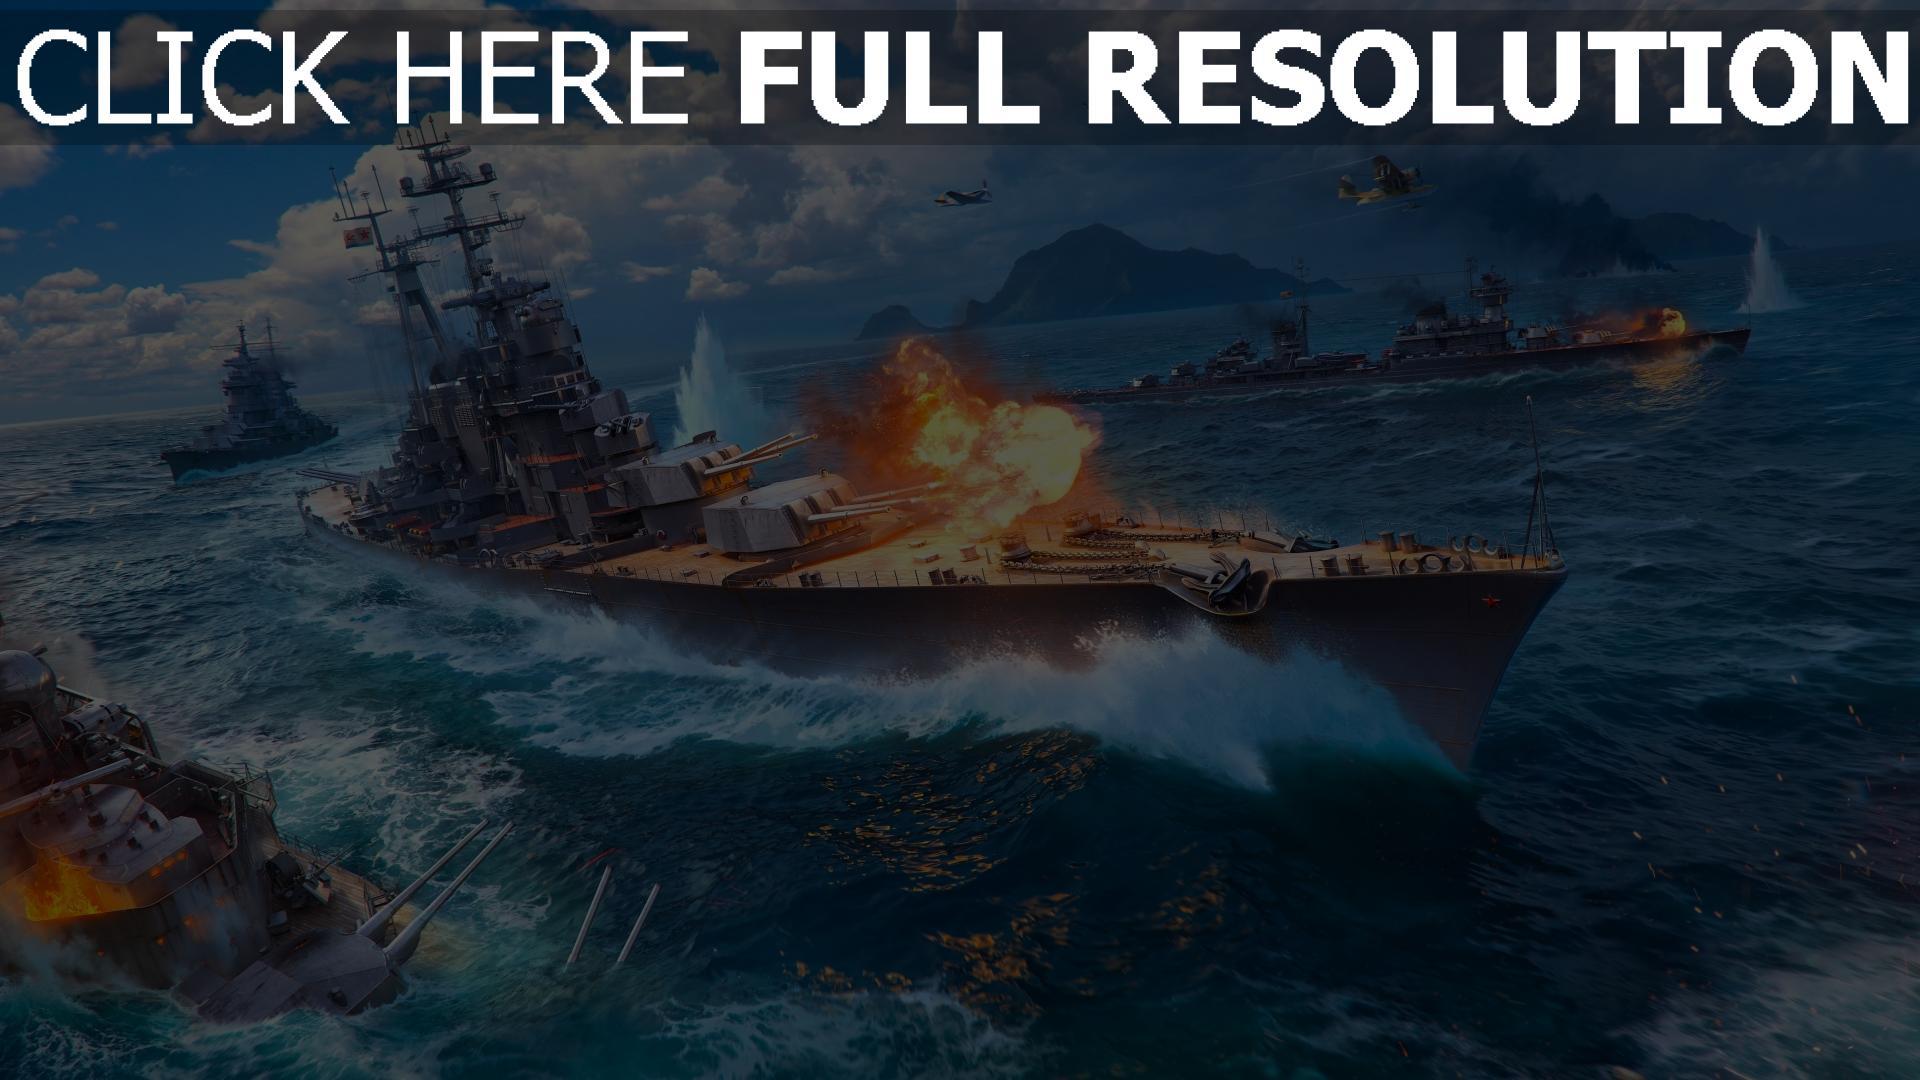 hd hintergrundbilder schiff world of warships explosion wargaming net 1920x1080